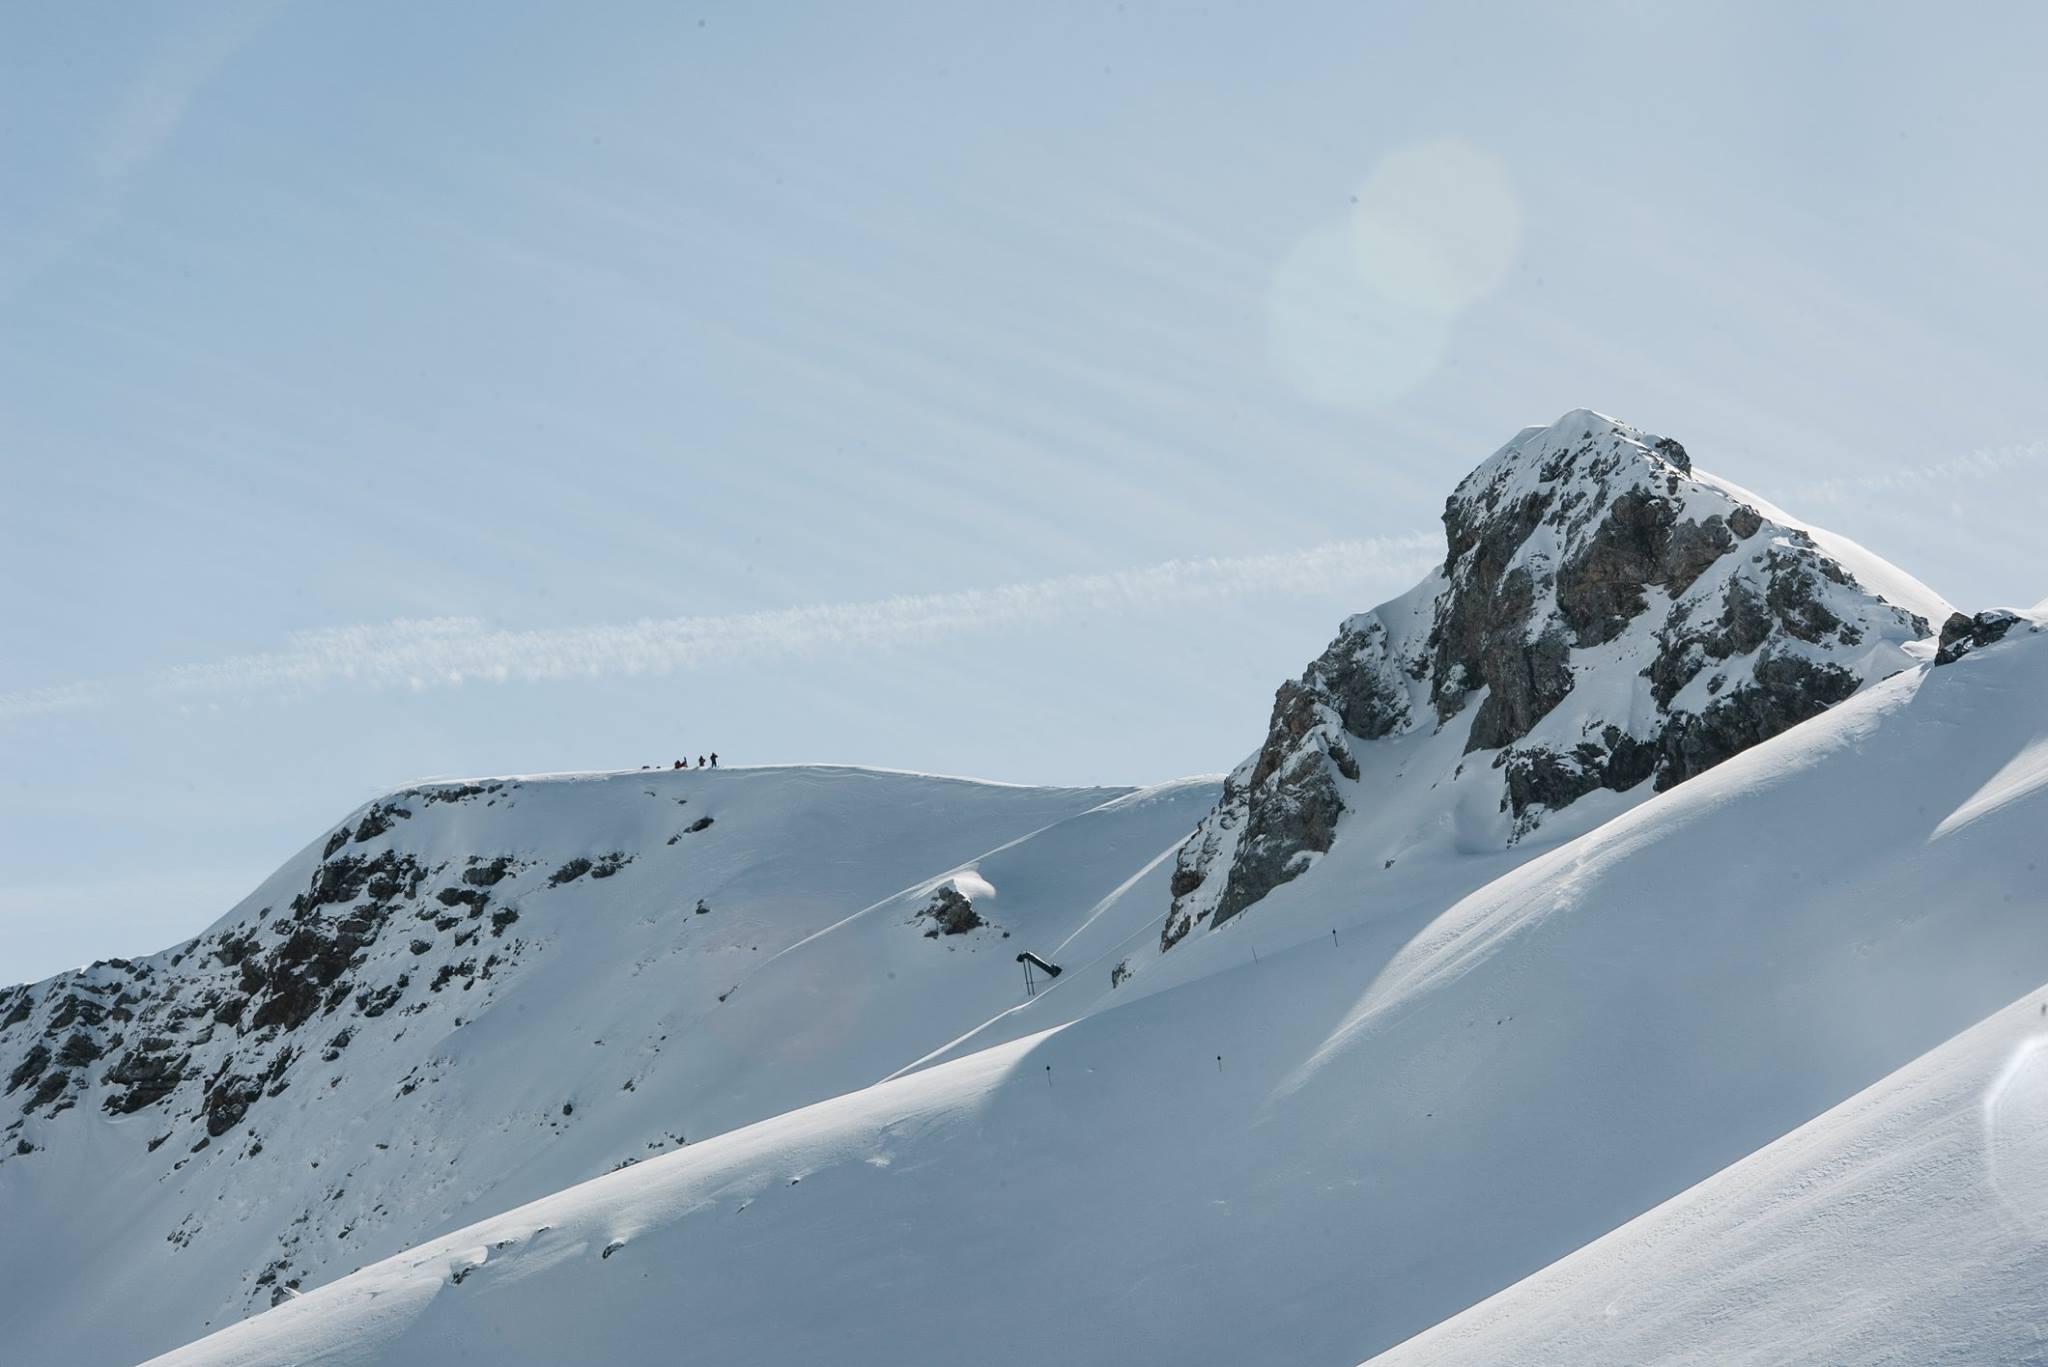 Tecnicas para sacar fotos en la nieve (Parte 2)